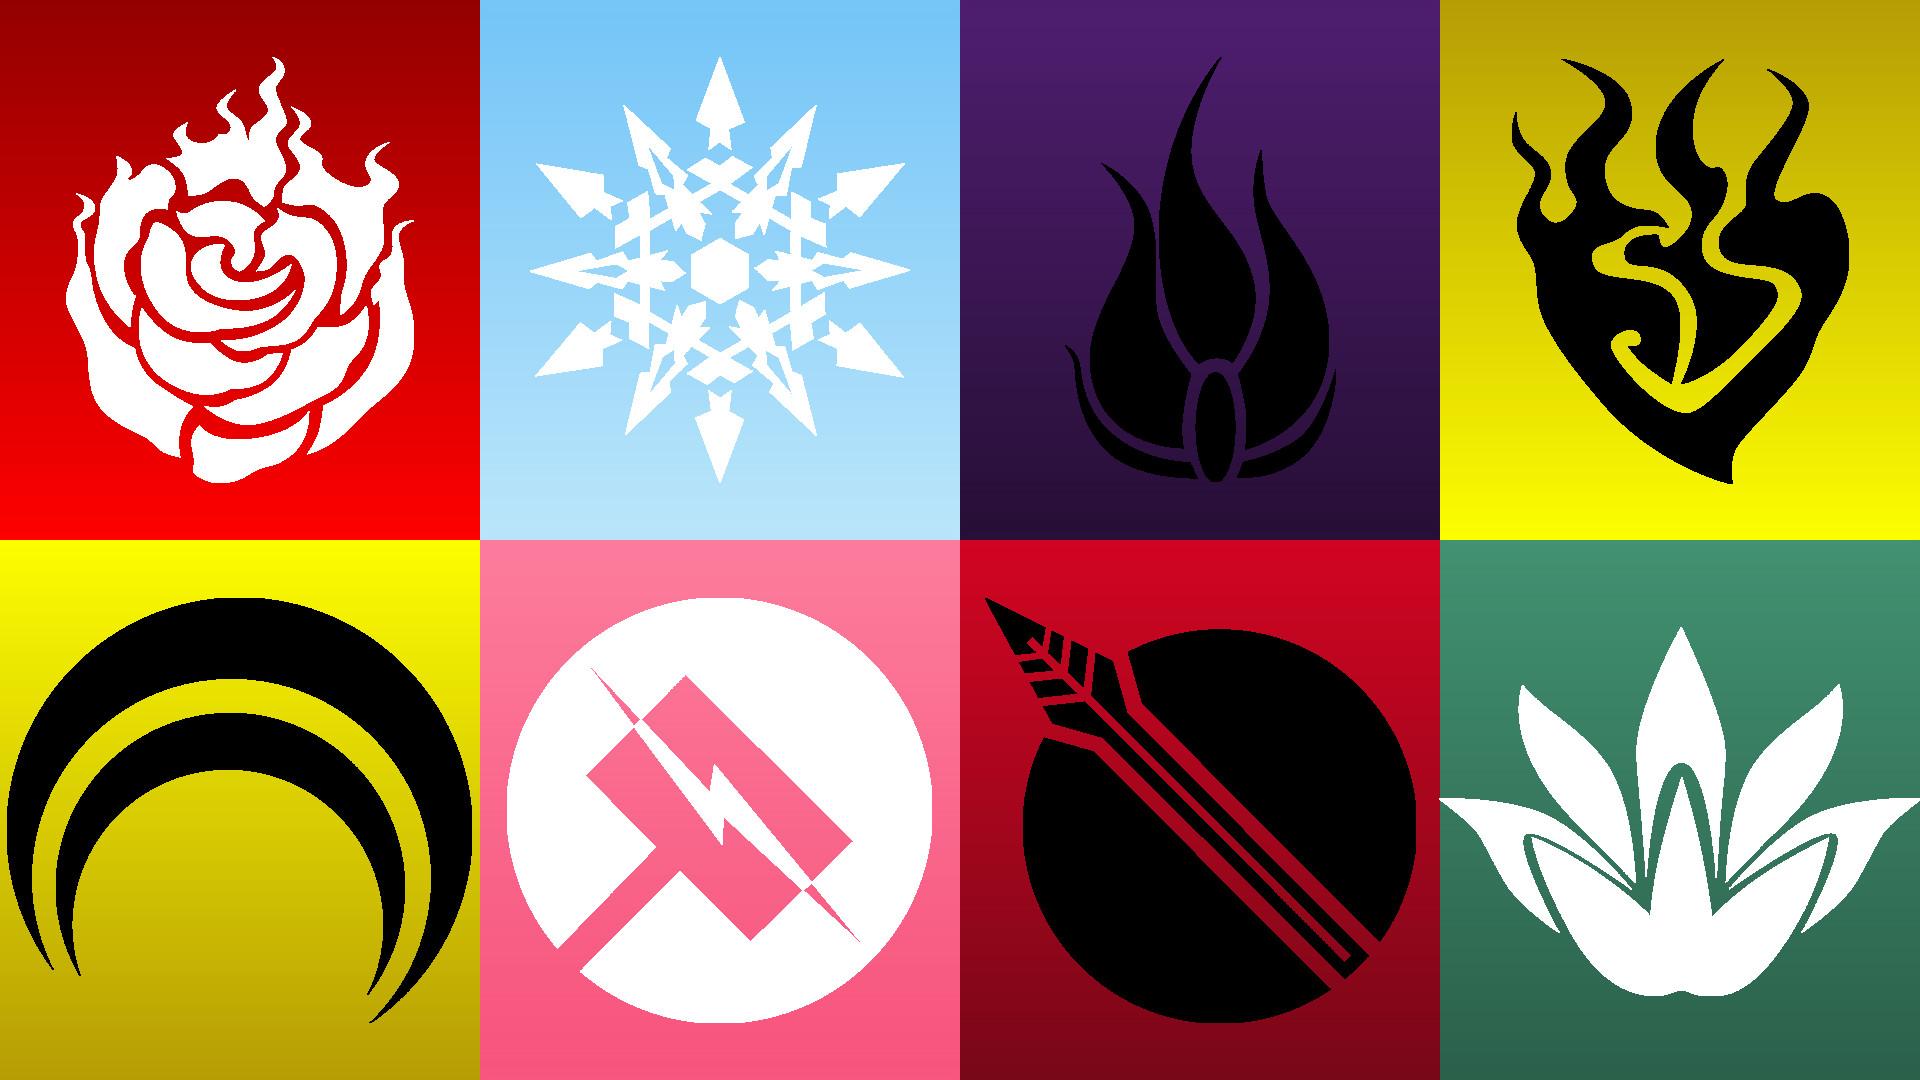 FAN ARTRWBY and JNPR symbols wallpaper …